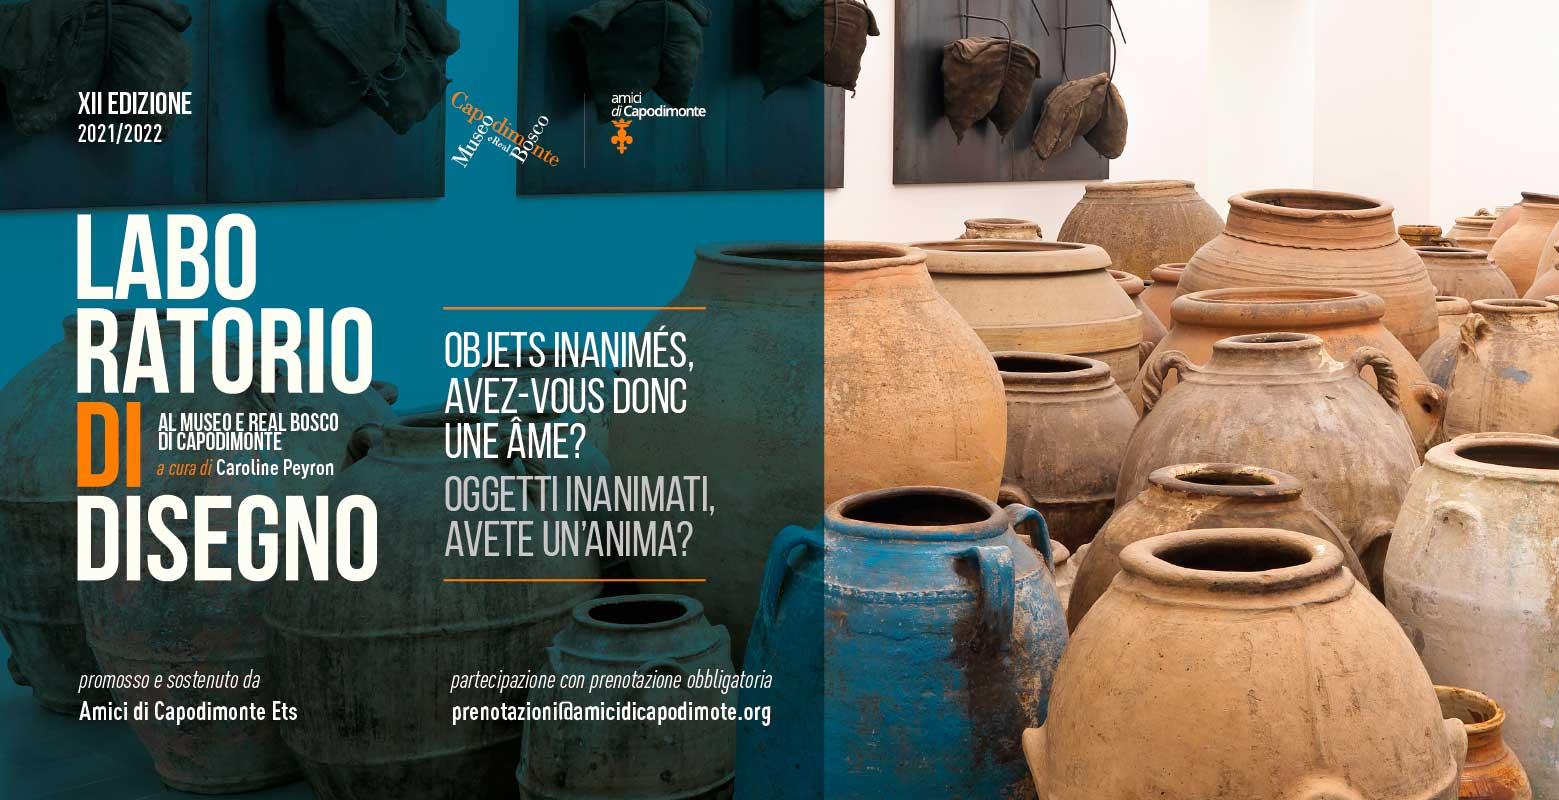 Read more about the article <strong>LABORATORIO DI DISEGNO</strong></p><h3>30 ottobre / 11 dicembre 2021 <br/>Museo e Real Bosco di Capodimonte</h3><strong>Objets inanimés, avez-vous donc une âme?/Oggetti inanimati, avete un'anima?</strong><br/>a cura di Caroline Peyron<br/>XII edizione<br/>promosso e sostenuto da Amici di Capodimonte Ets</p>